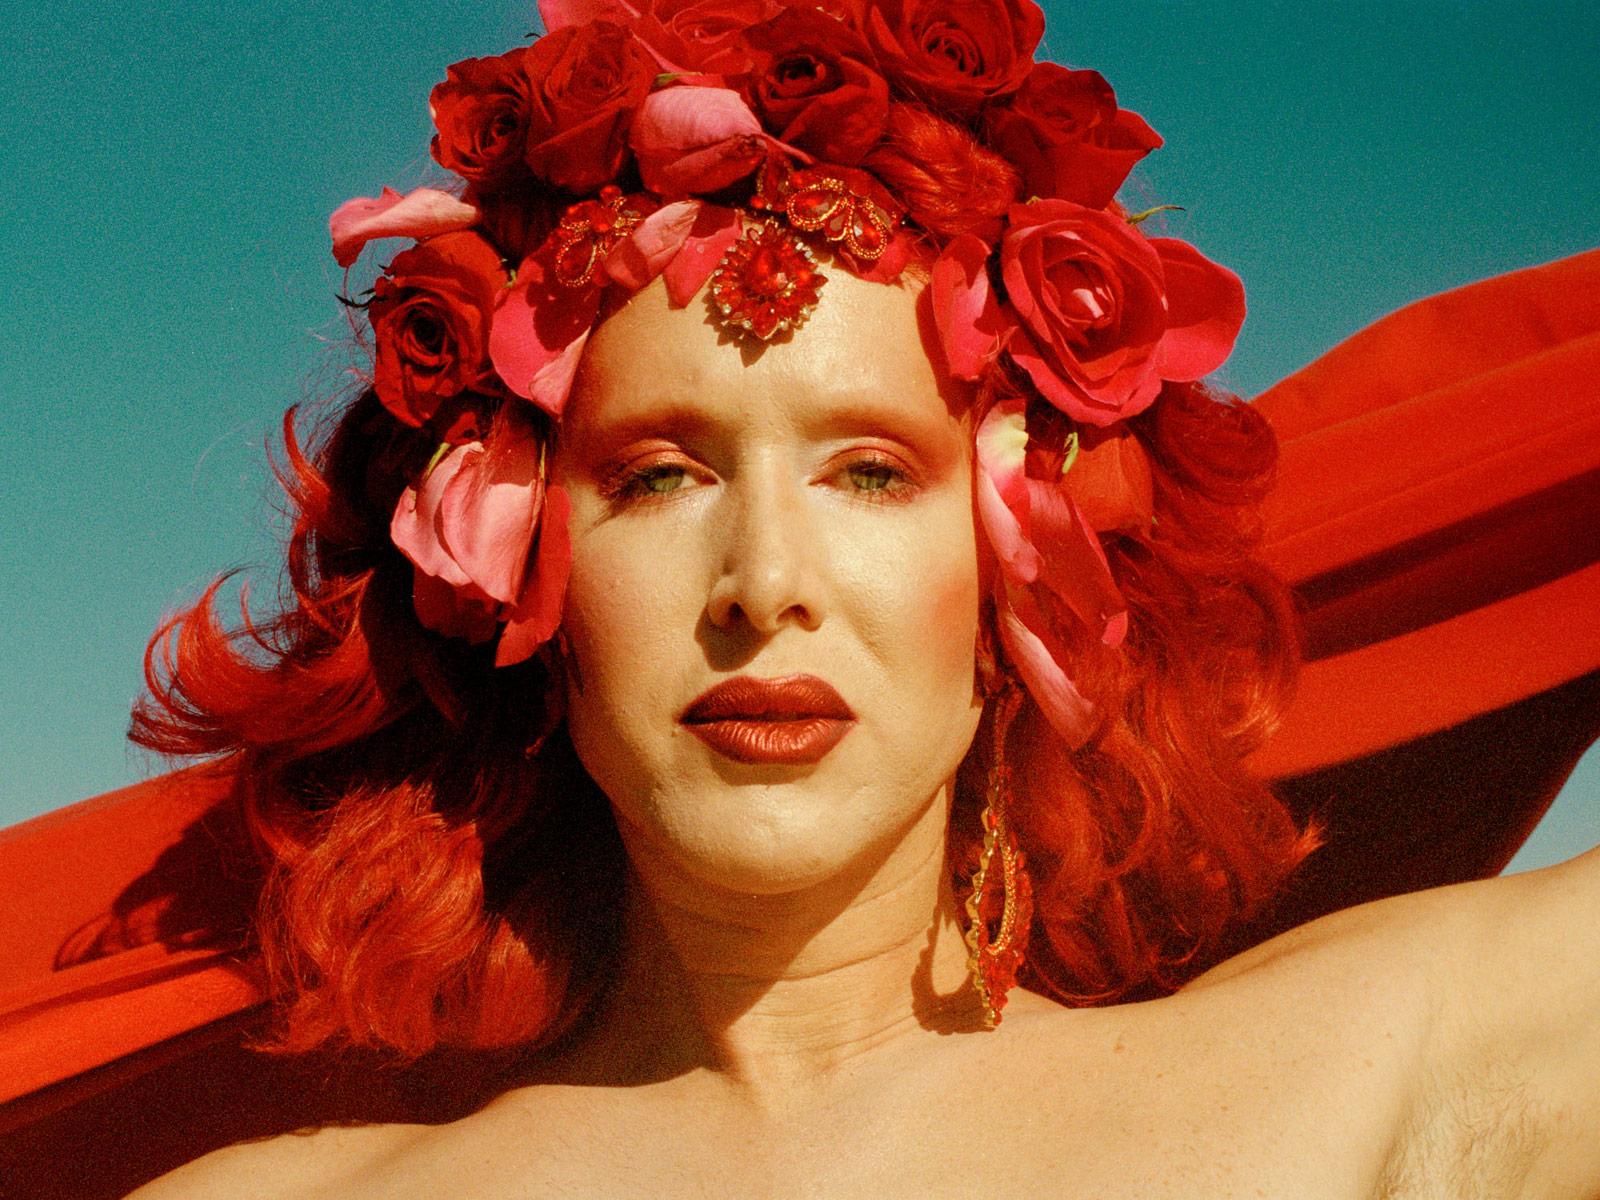 Eva Zar, il mondo queer nei suoi scatti NSFW